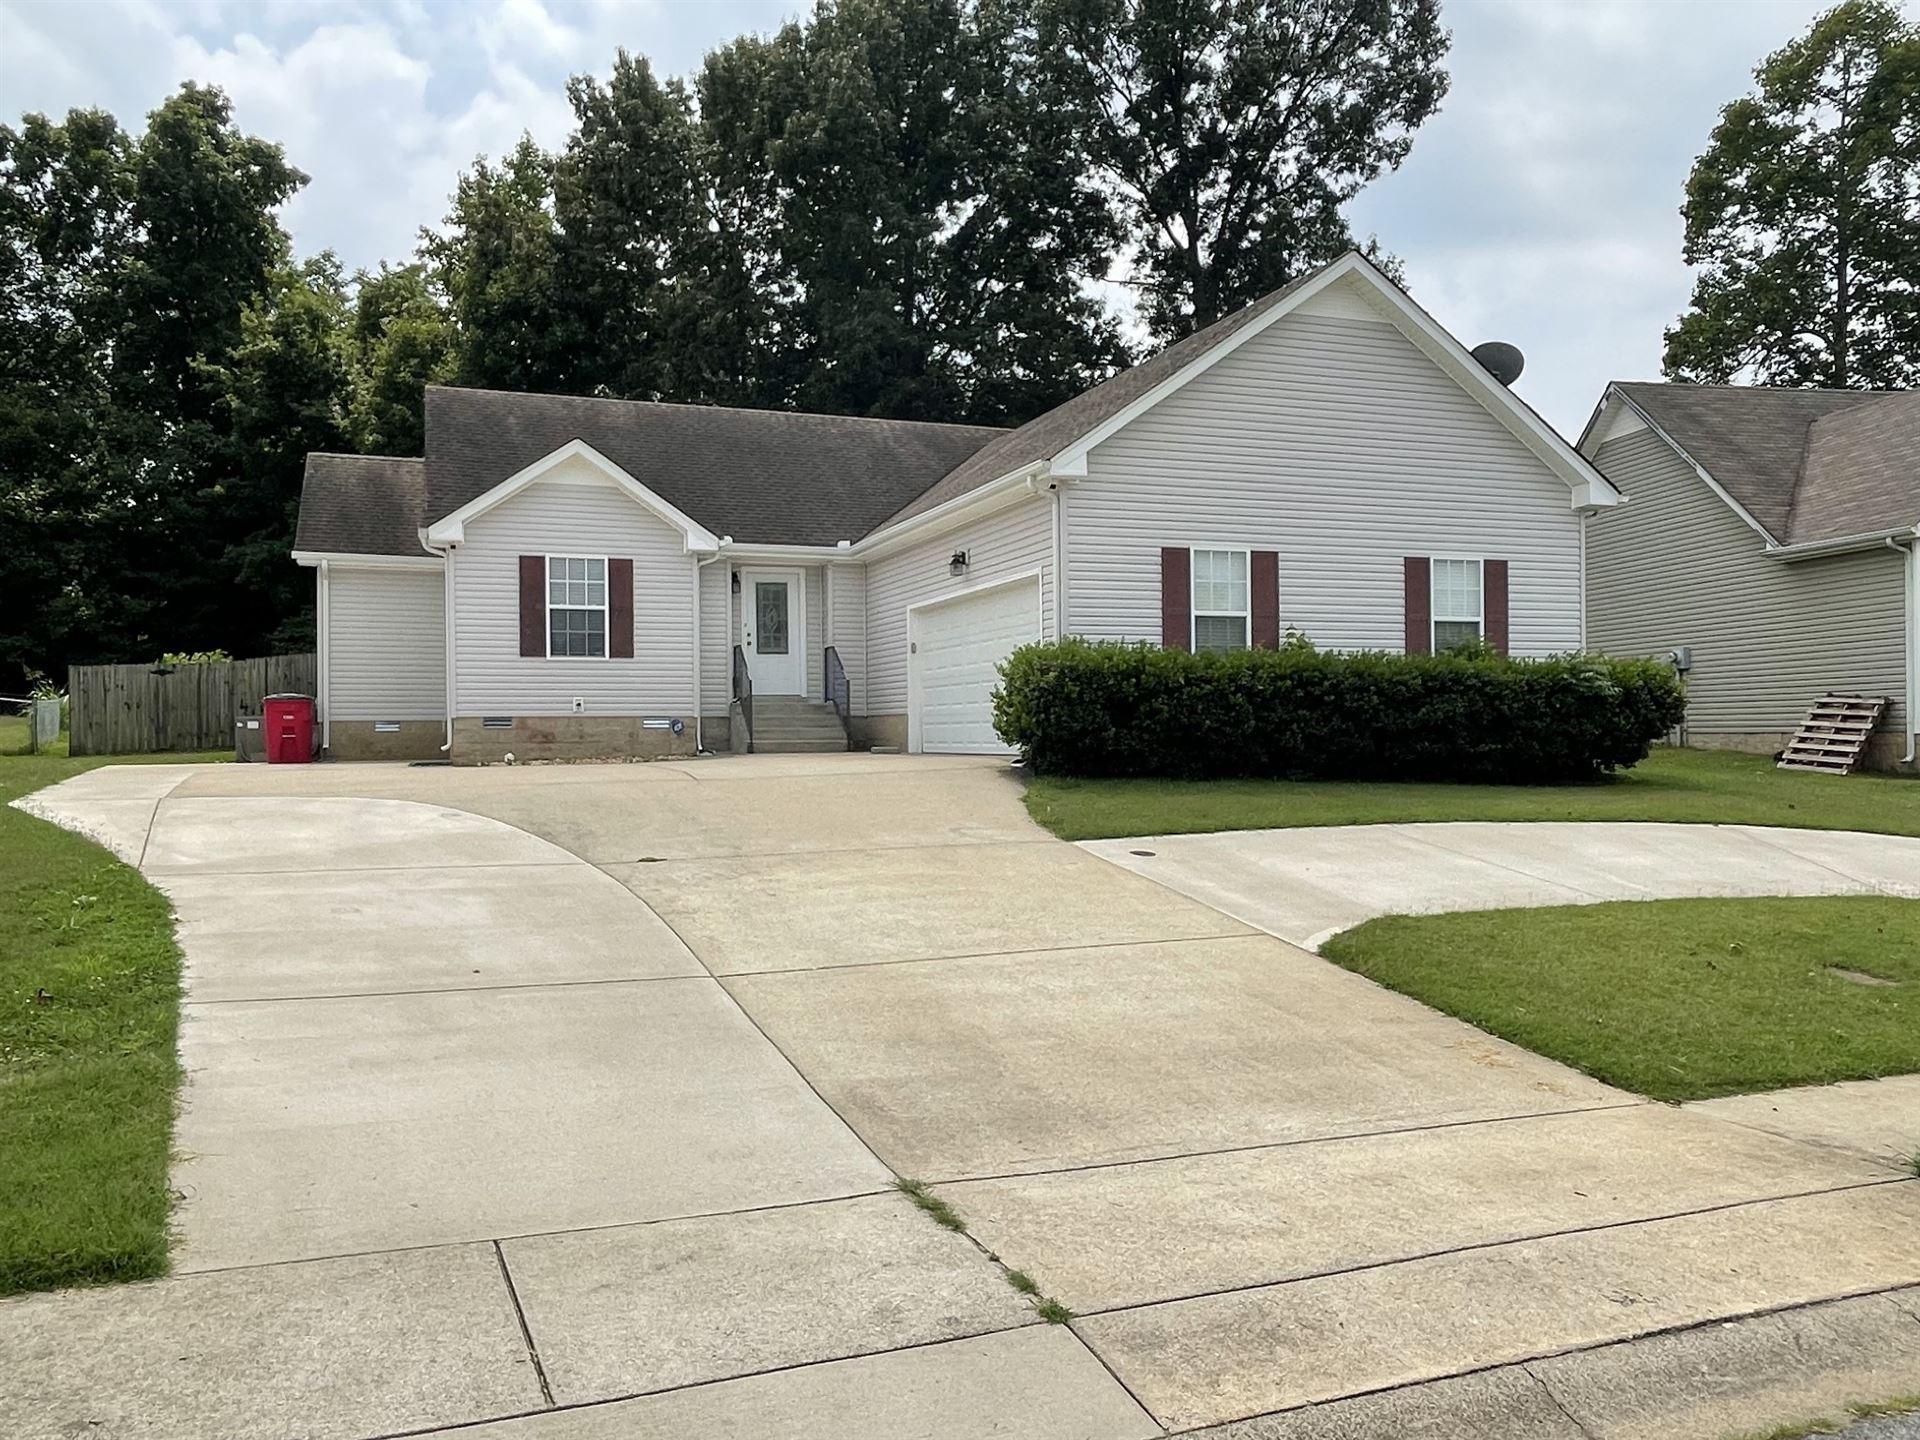 419 Athena Dr, Clarksville, TN 37042 - MLS#: 2277808